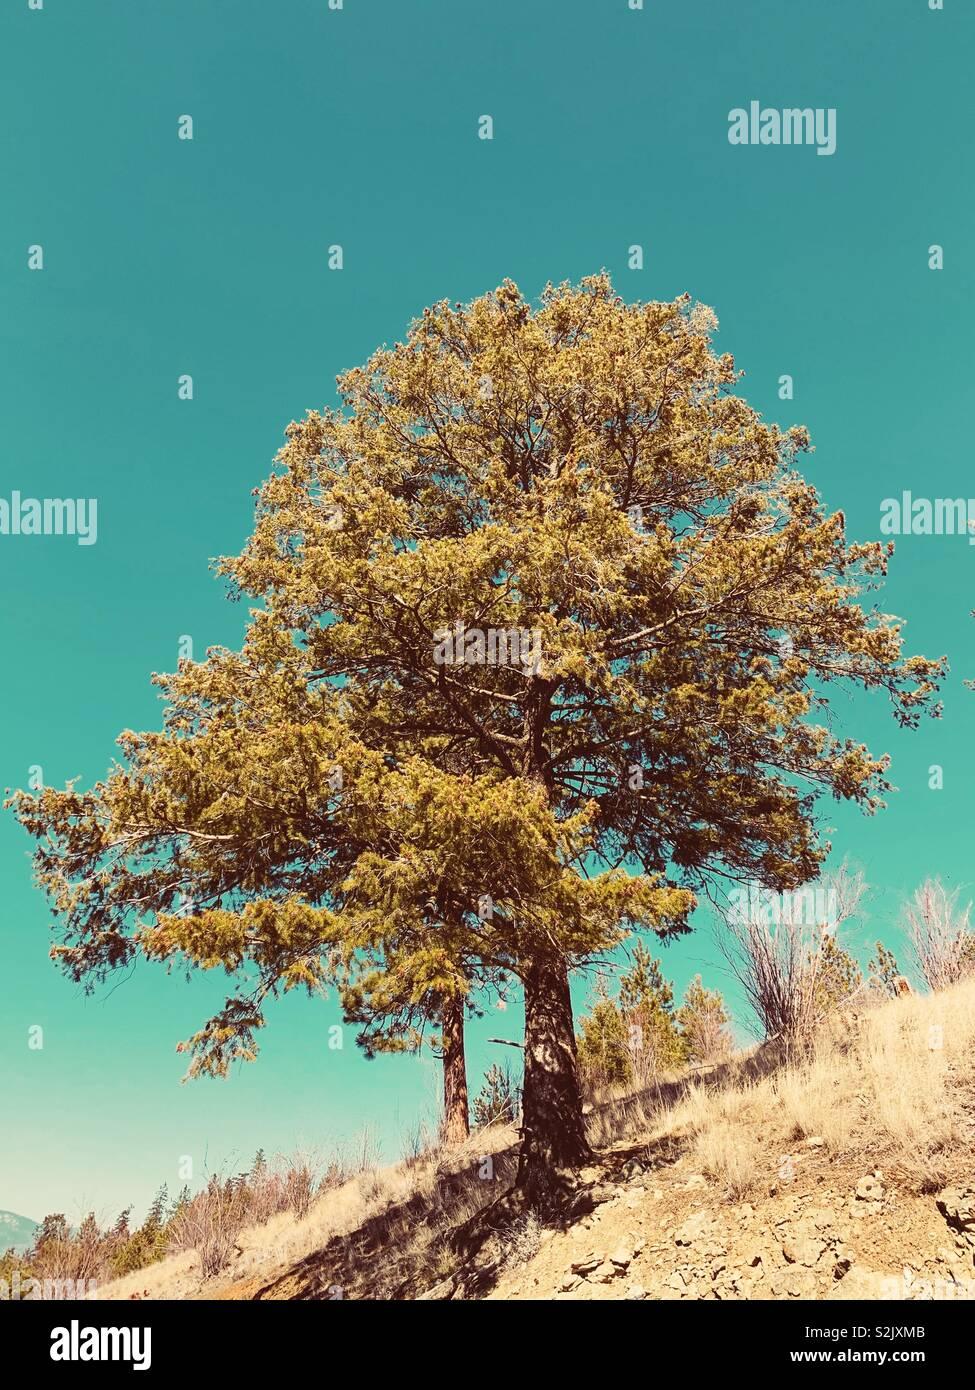 Baum auf einem Hügel mit einem blauen Himmel. Stockbild